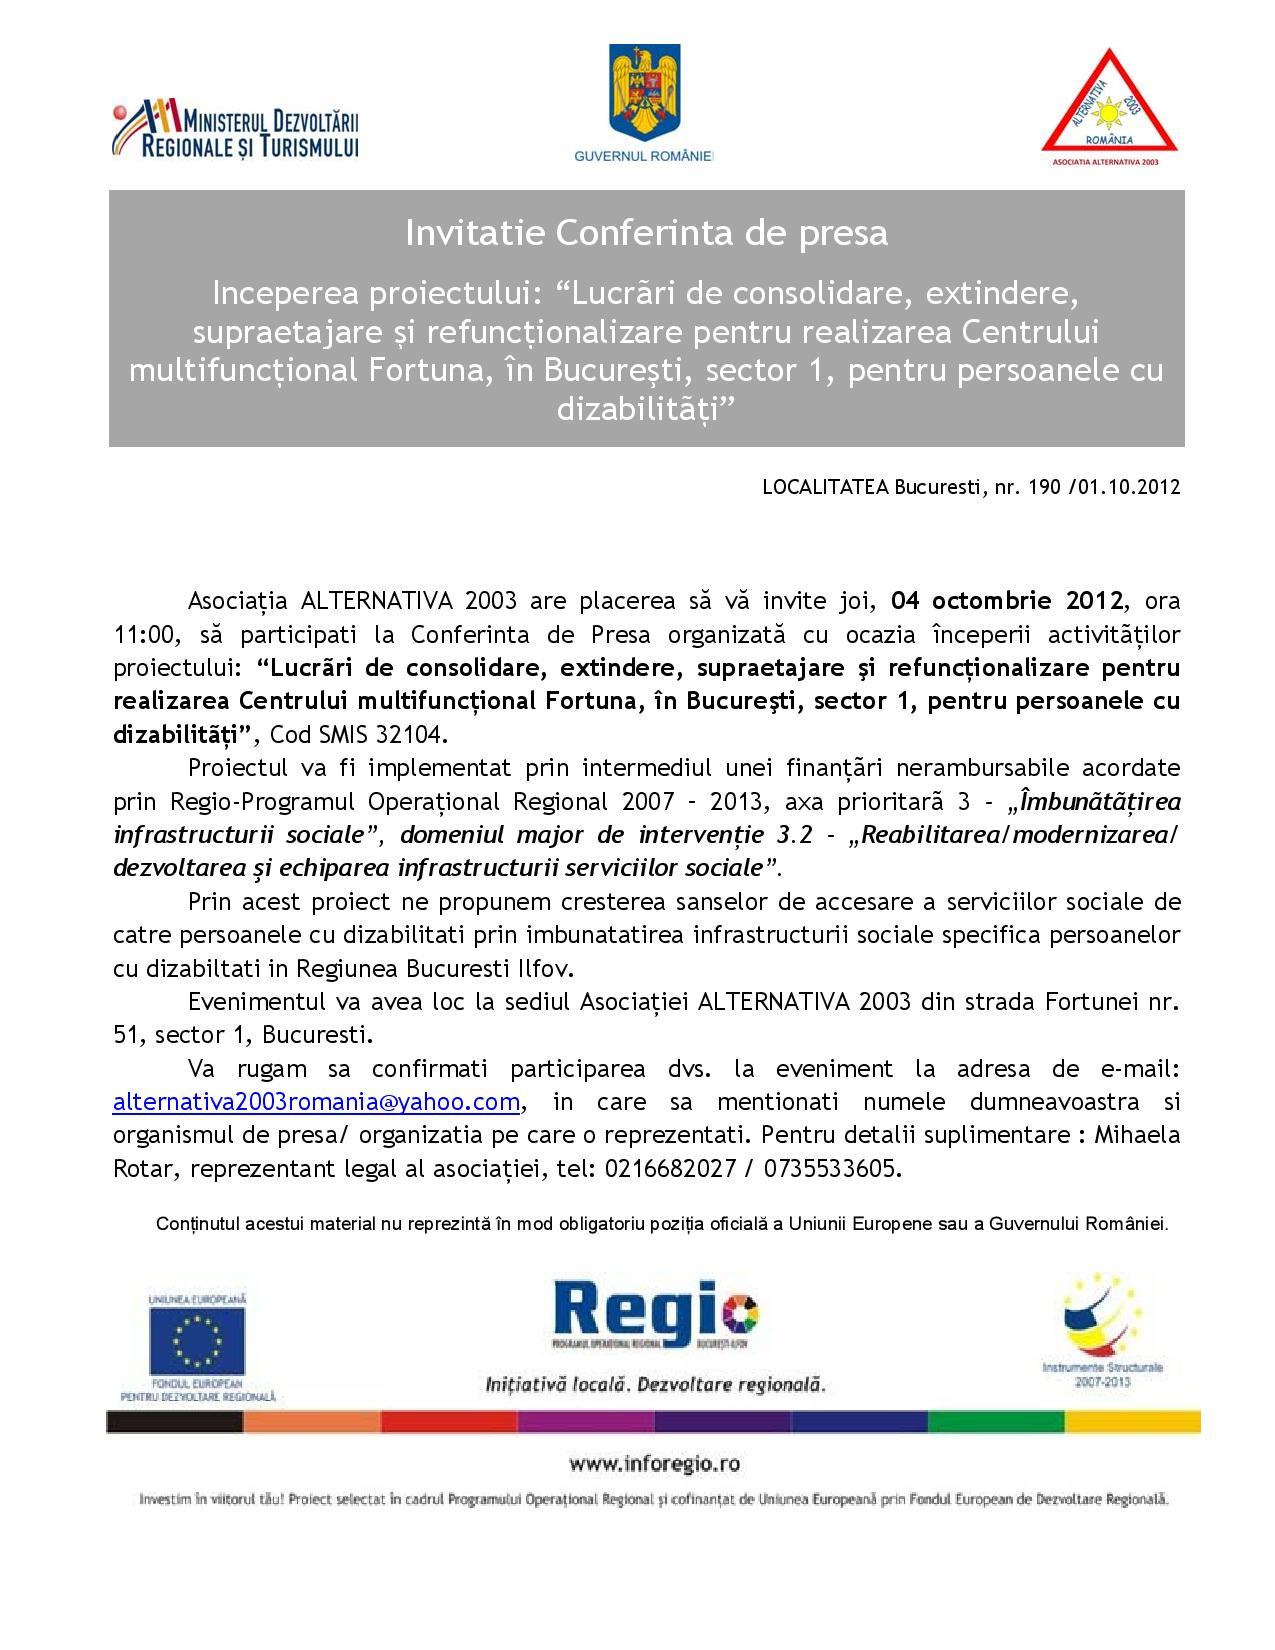 Presaro  Citeste ultimele stiri din presa romaneasca